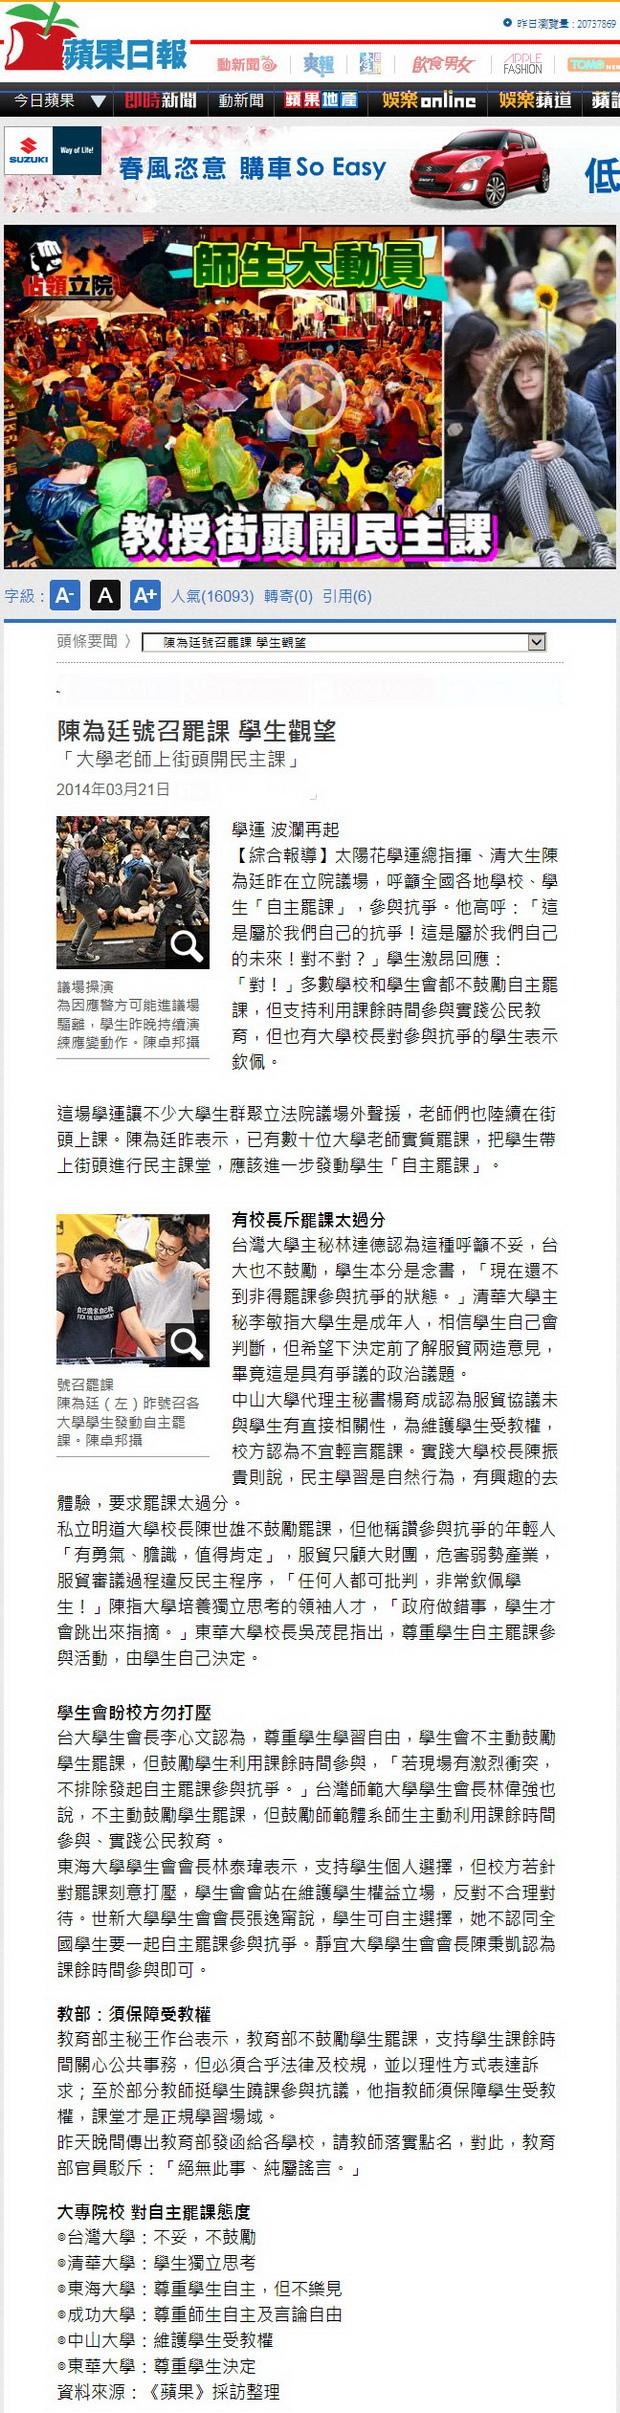 陳為廷號召罷課 學生觀望-2014.03.21.jpg